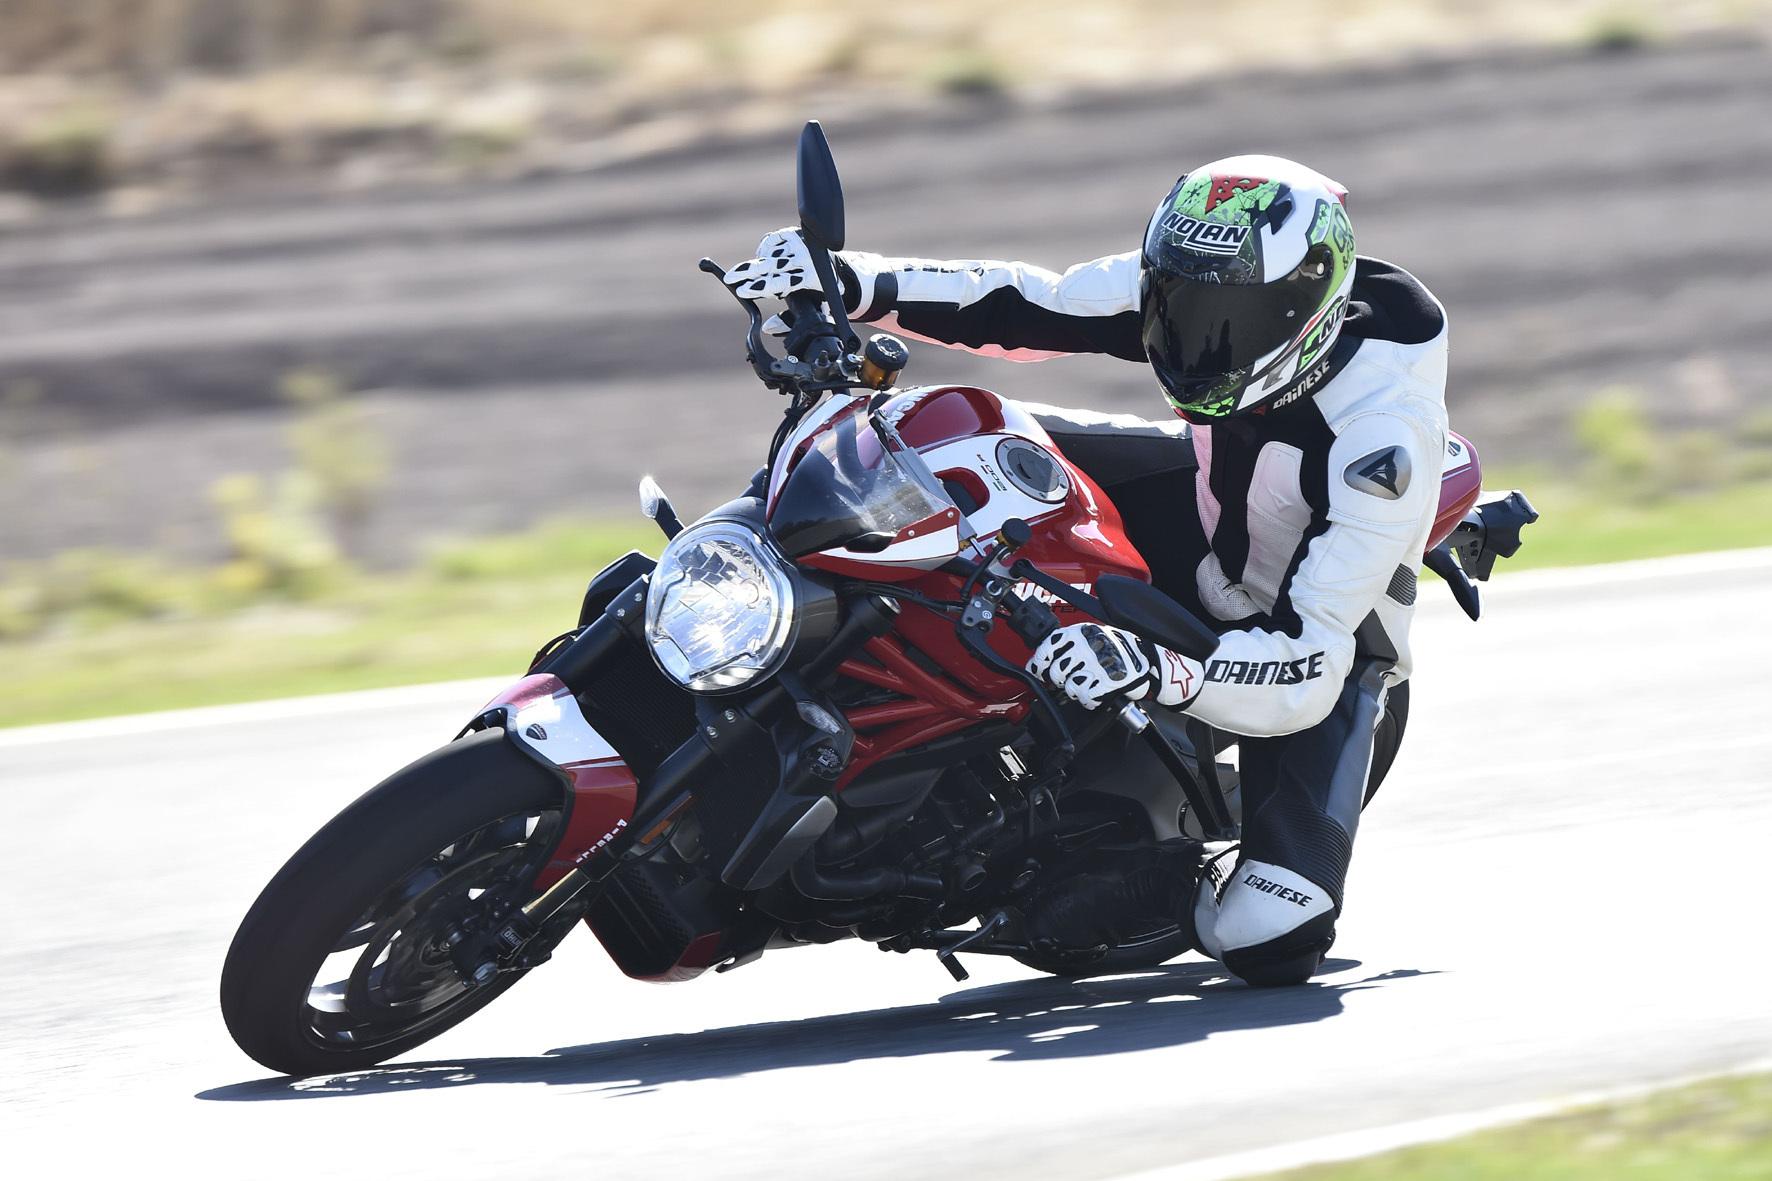 mid Ronda/Spanien - Mit der 1200 R bringt Ducati nun seine bislang stärkste Monster auf die Straße.